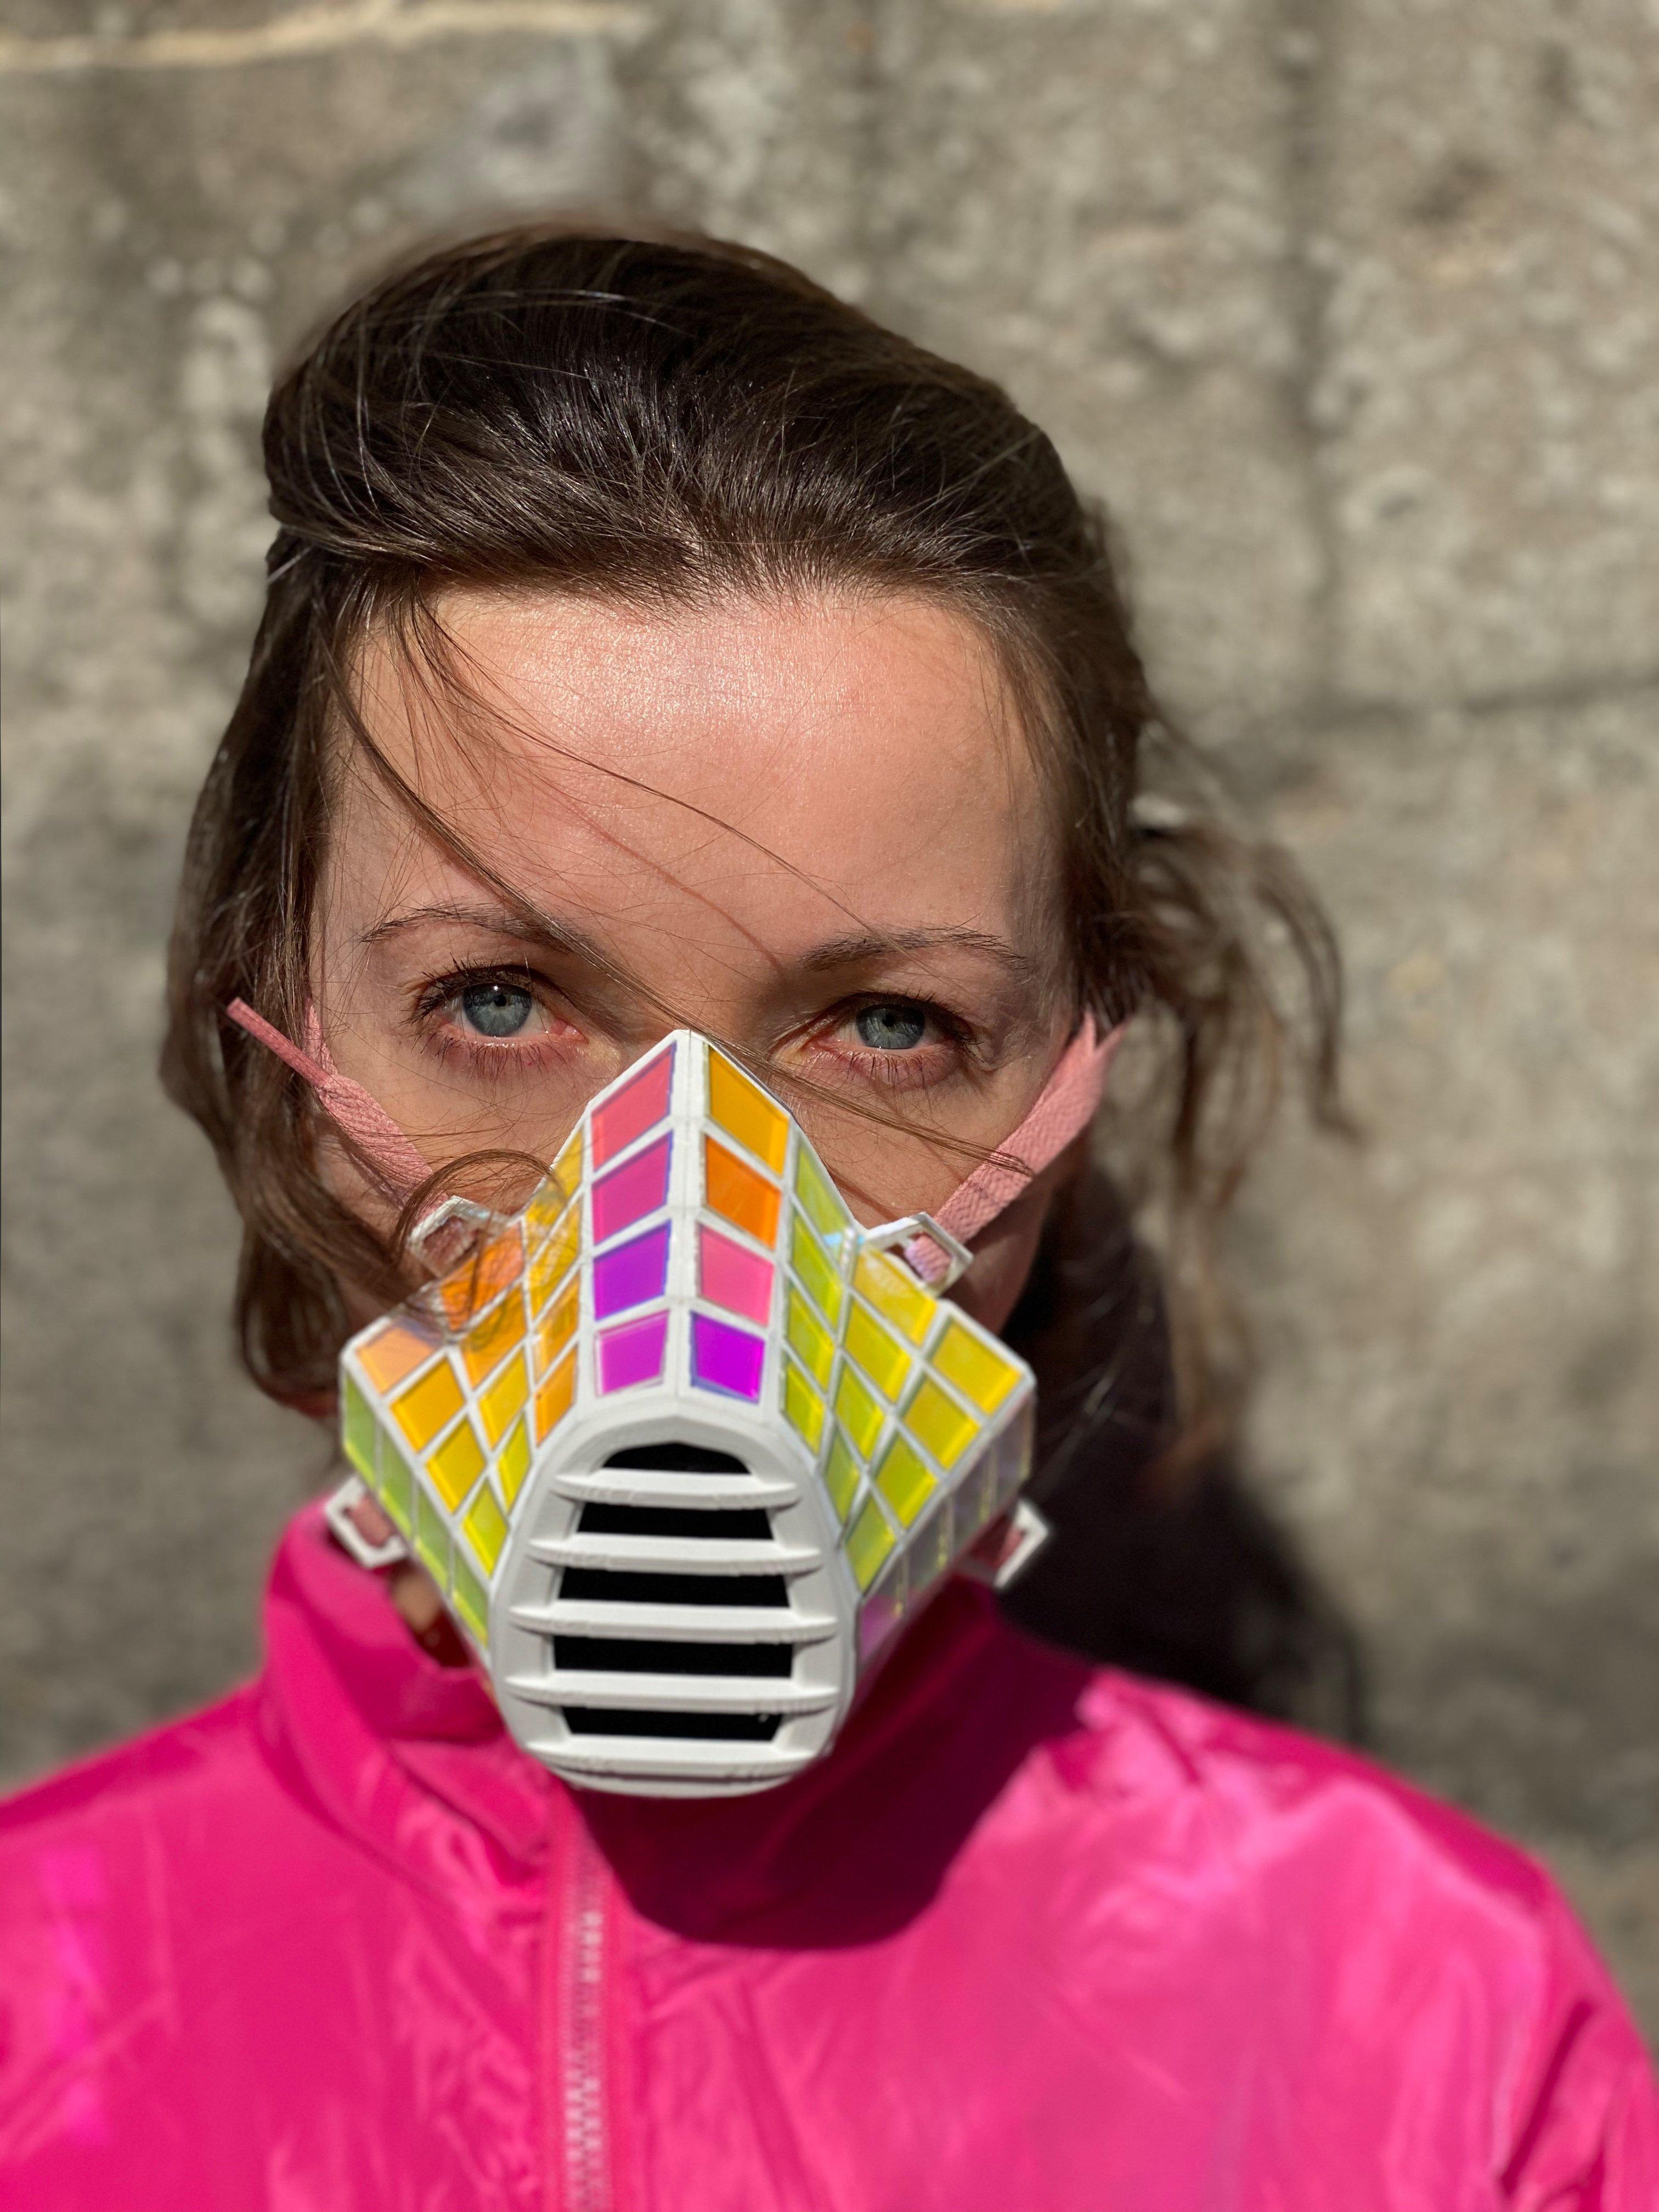 Discorona Mask - Protect & Reflect